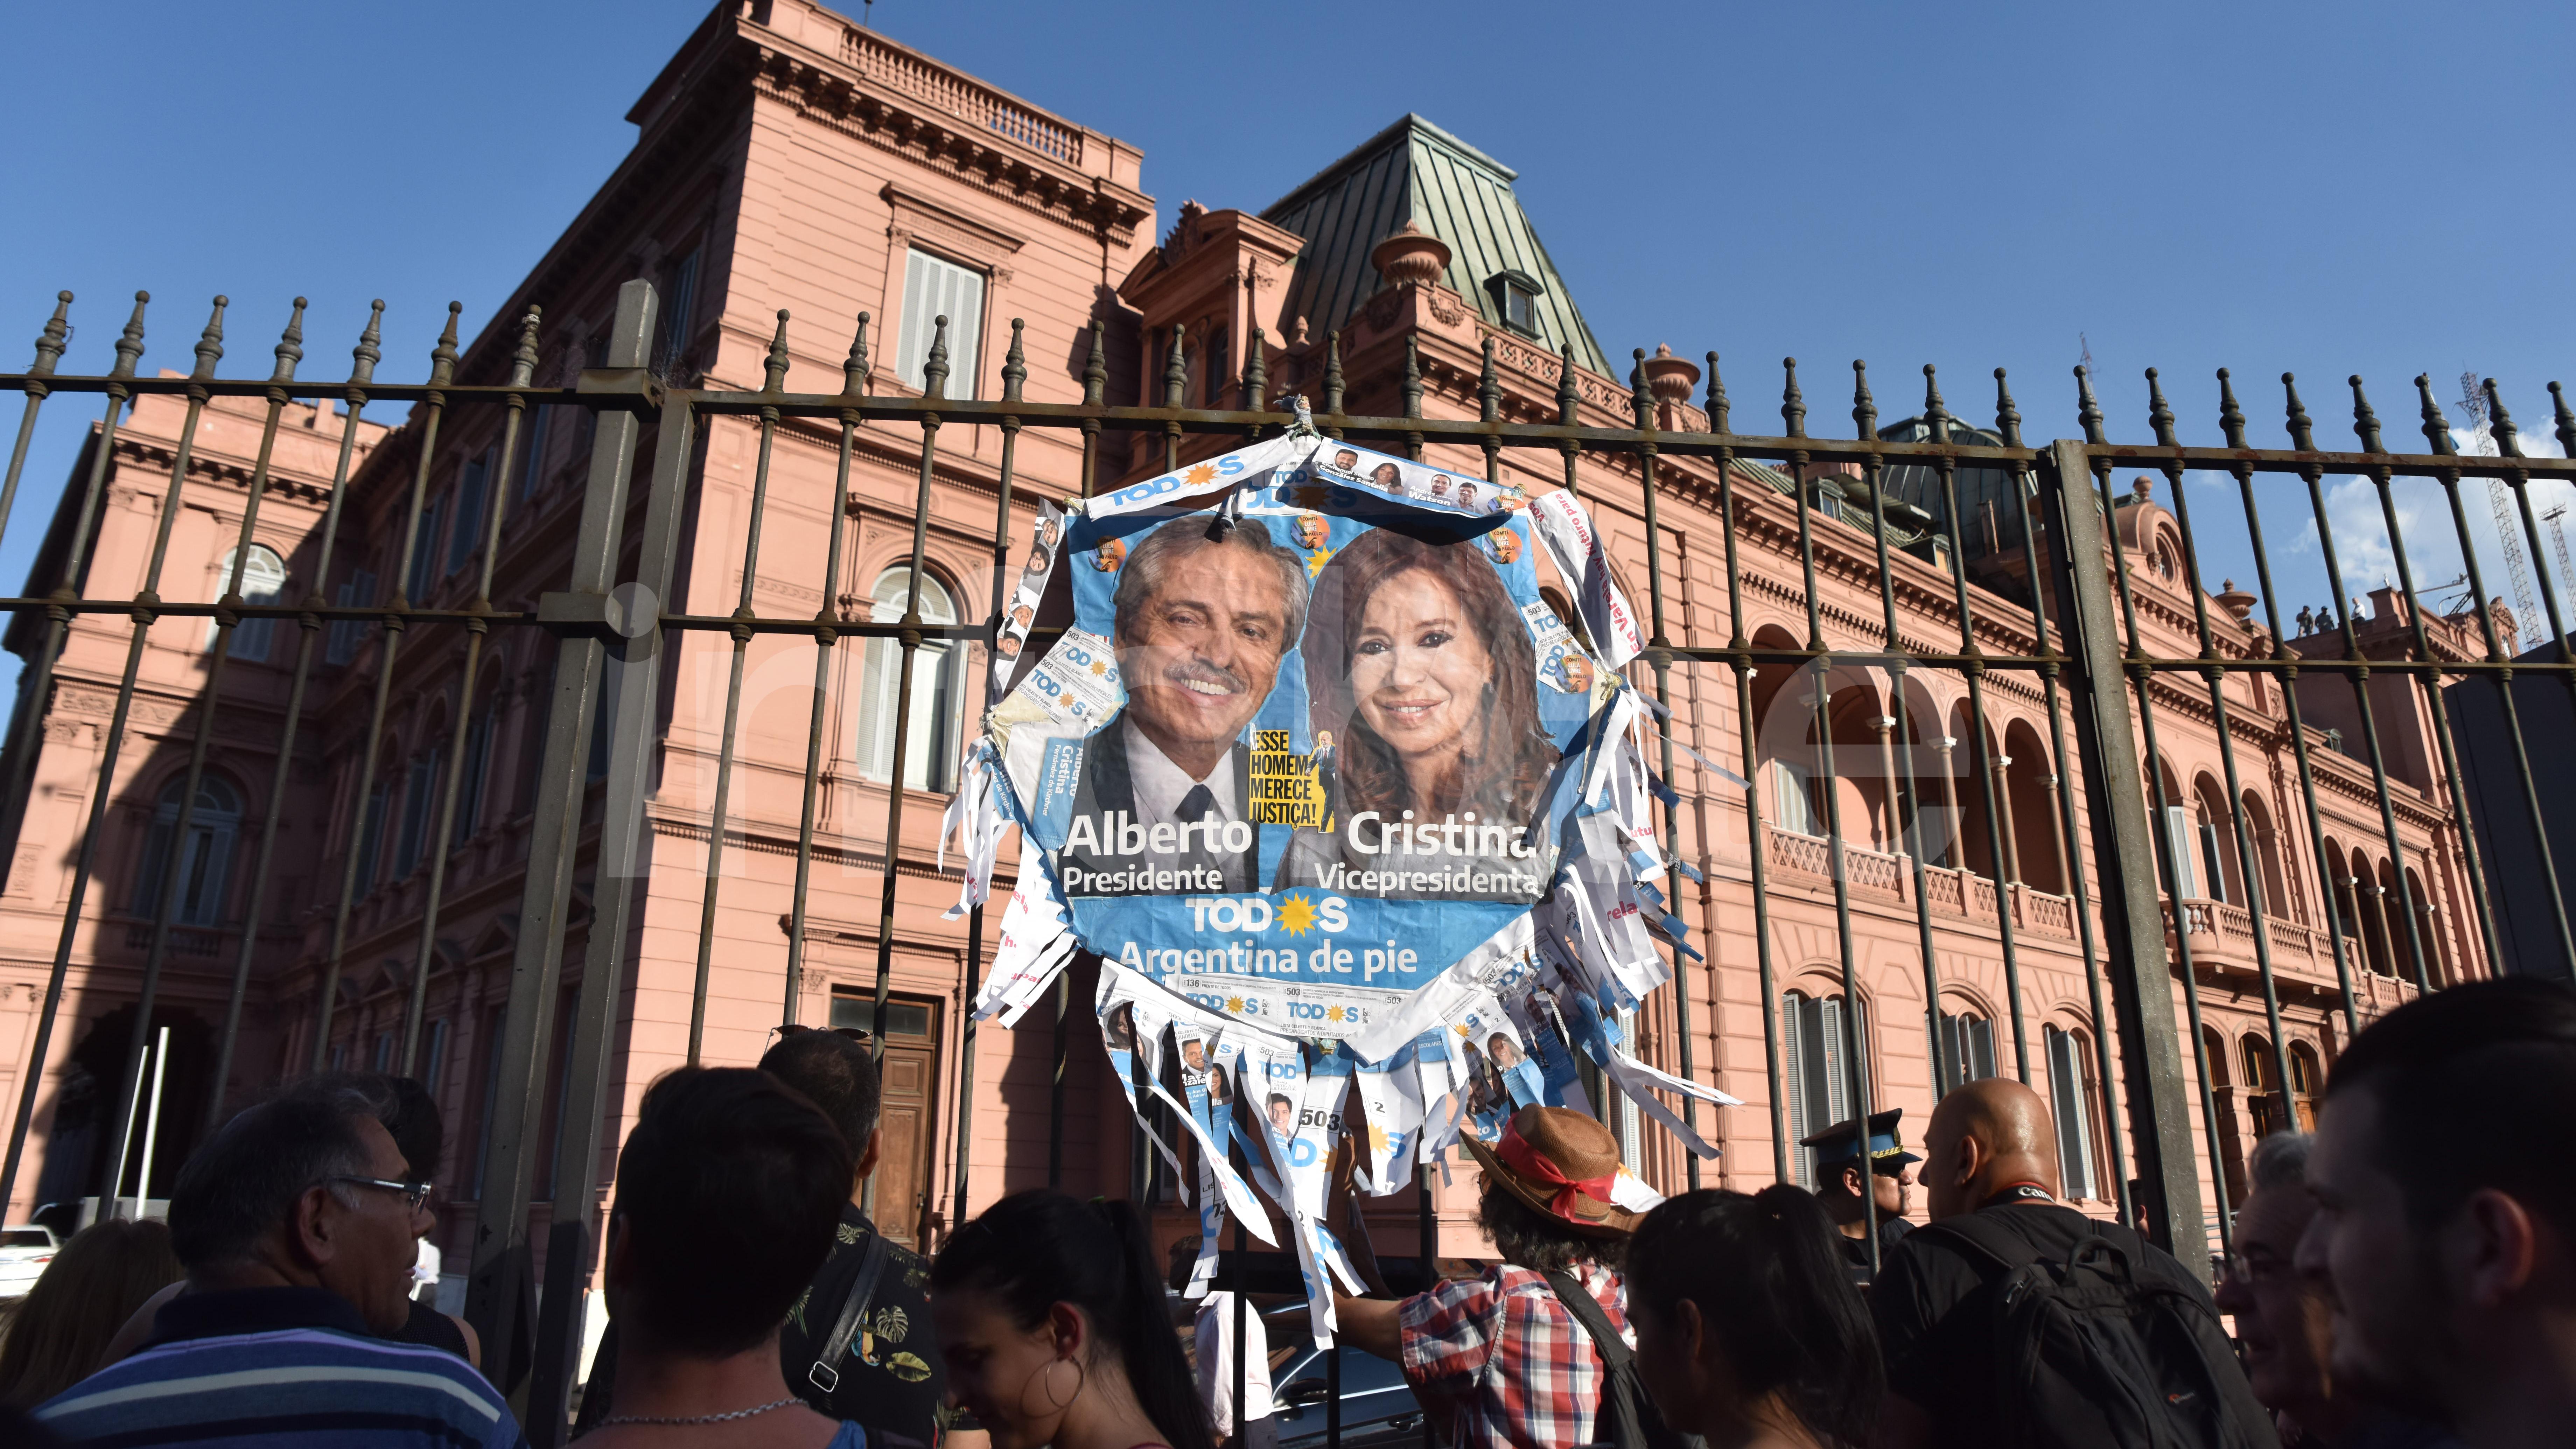 Simpatizantes del Frente de Todos despidieron al gobierno saliente colgando carteles con las caras de Alberto Fernández y Cristina Kirchner.